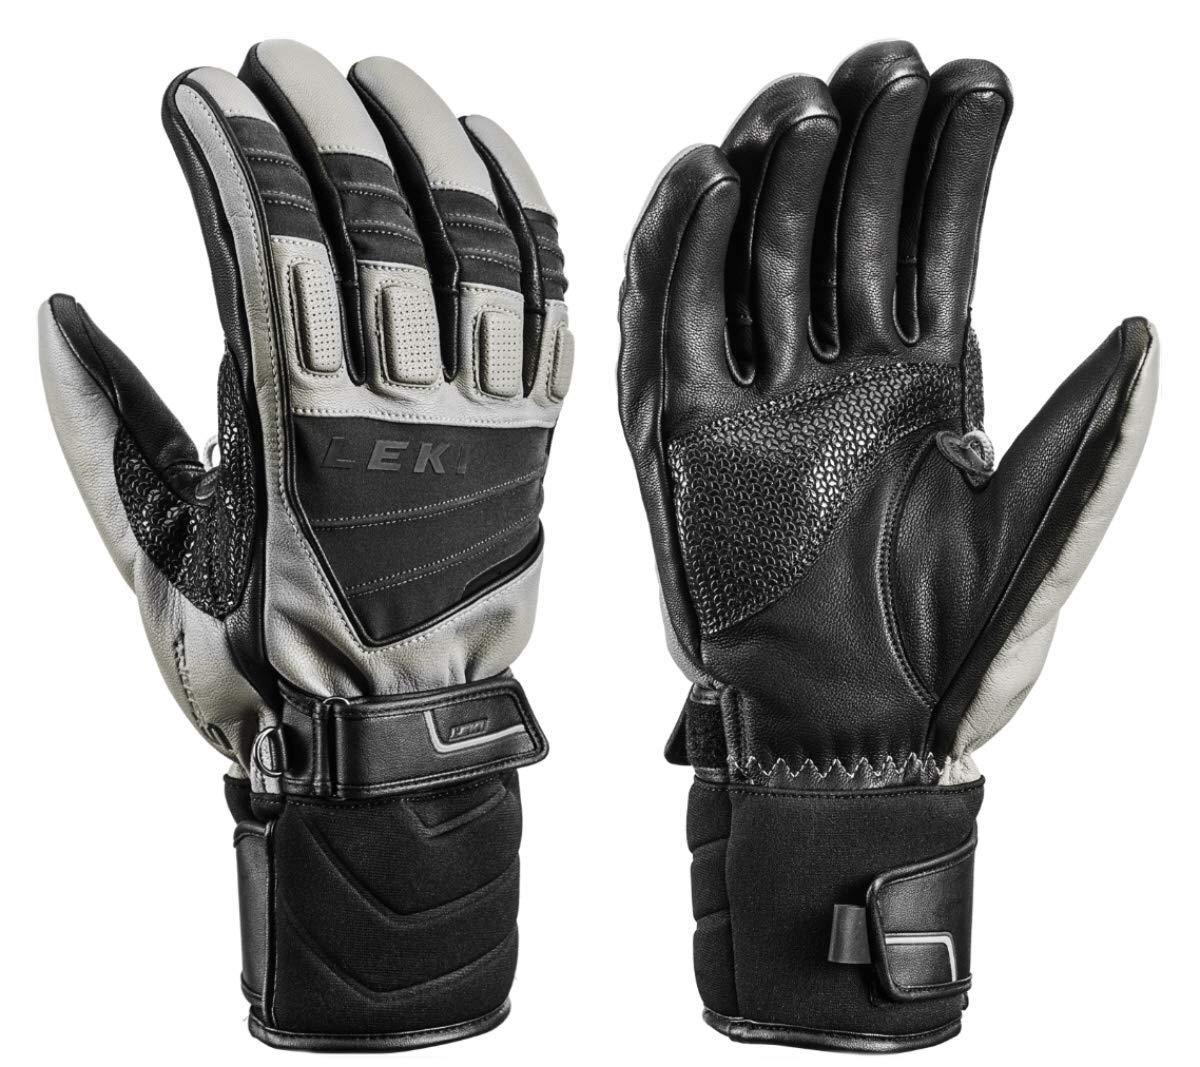 LEKI Griffin S Handschuhe (Graphit schwarz)